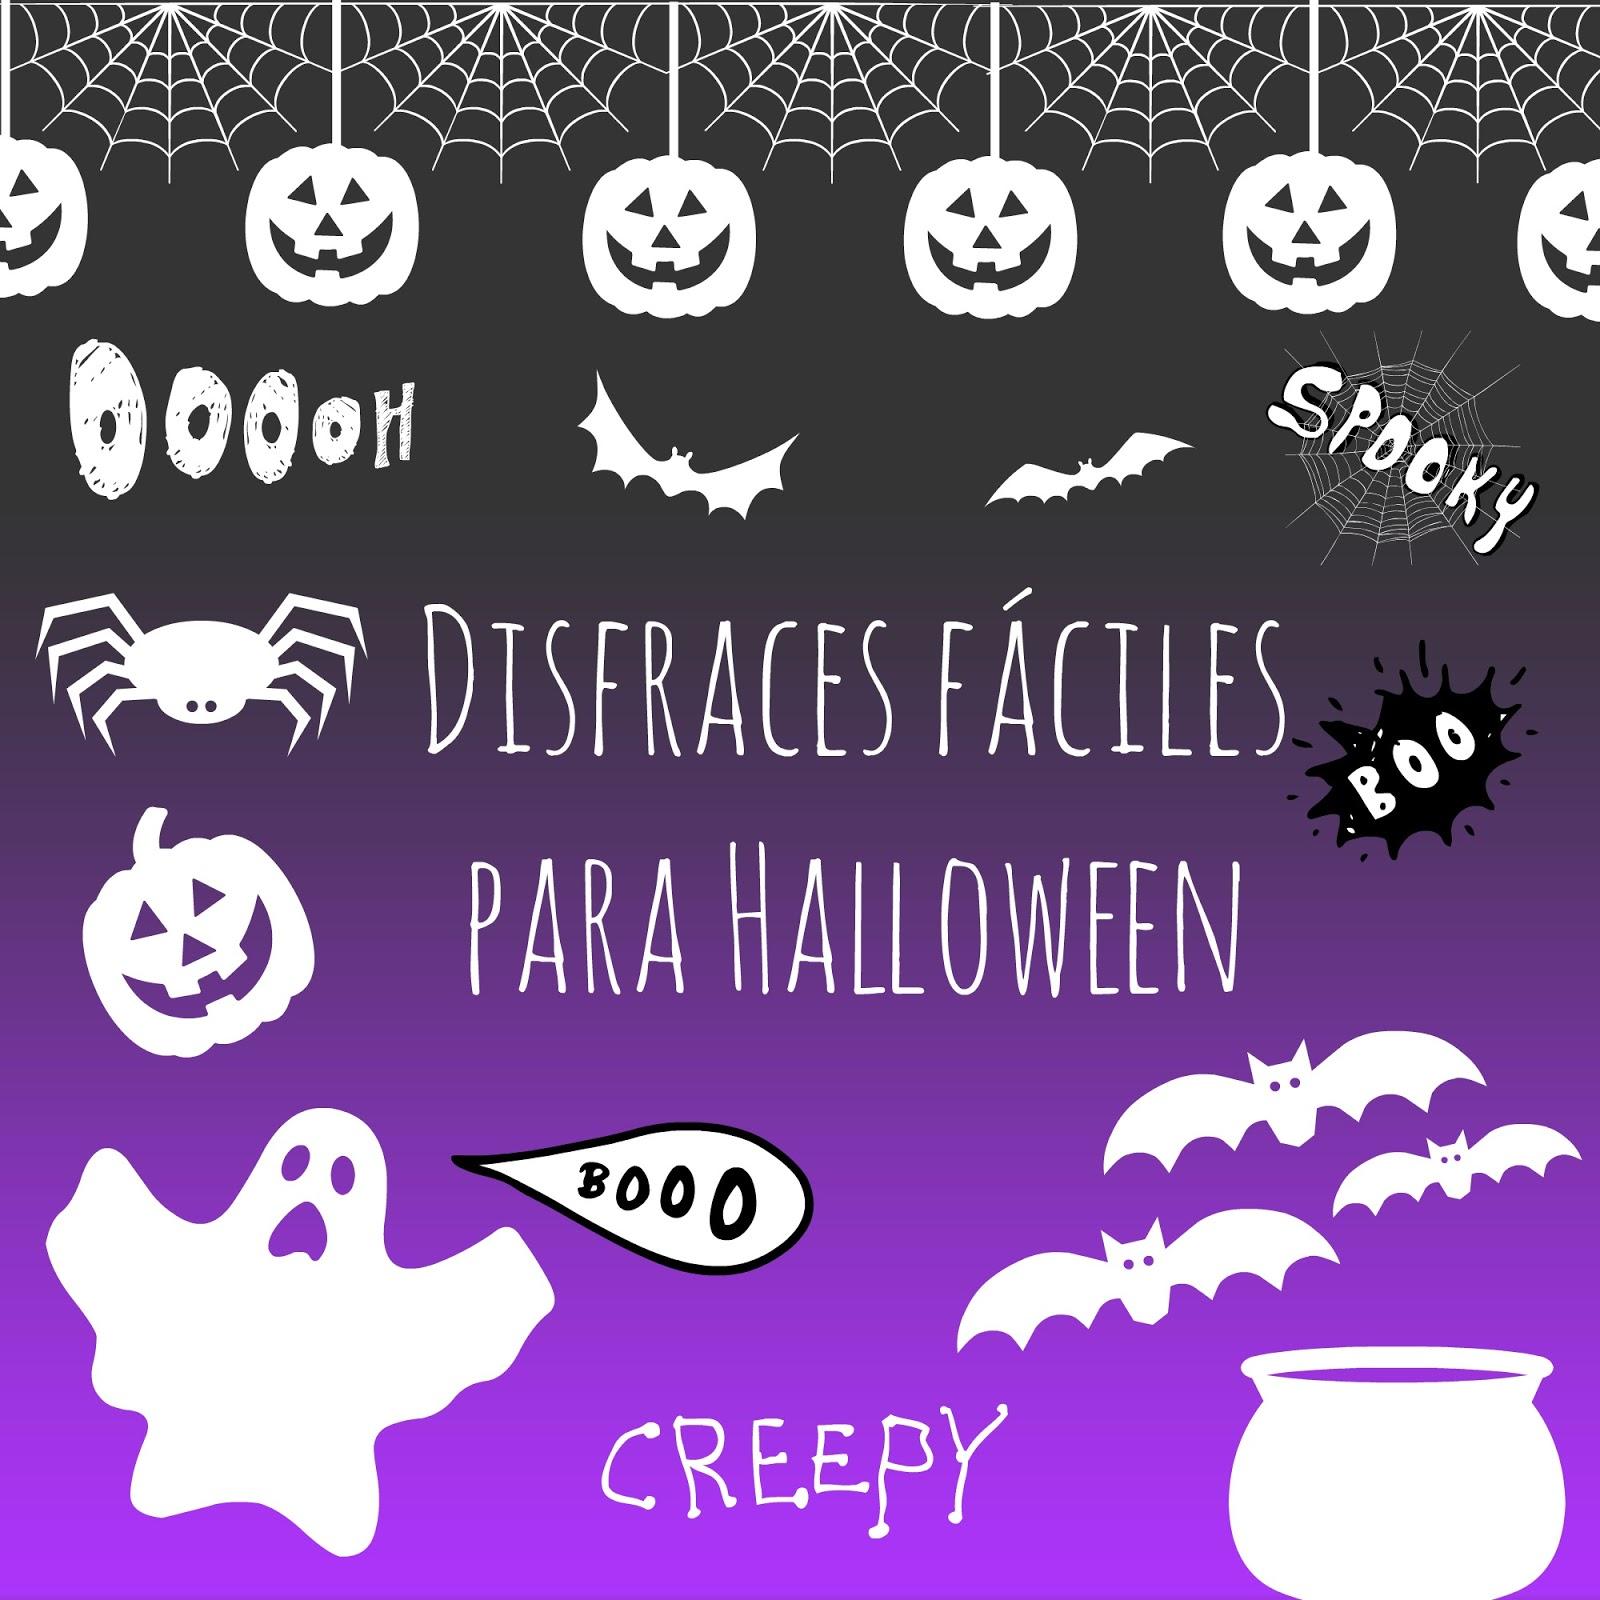 Haciendo cosas únicas: Disfraces para Halloween